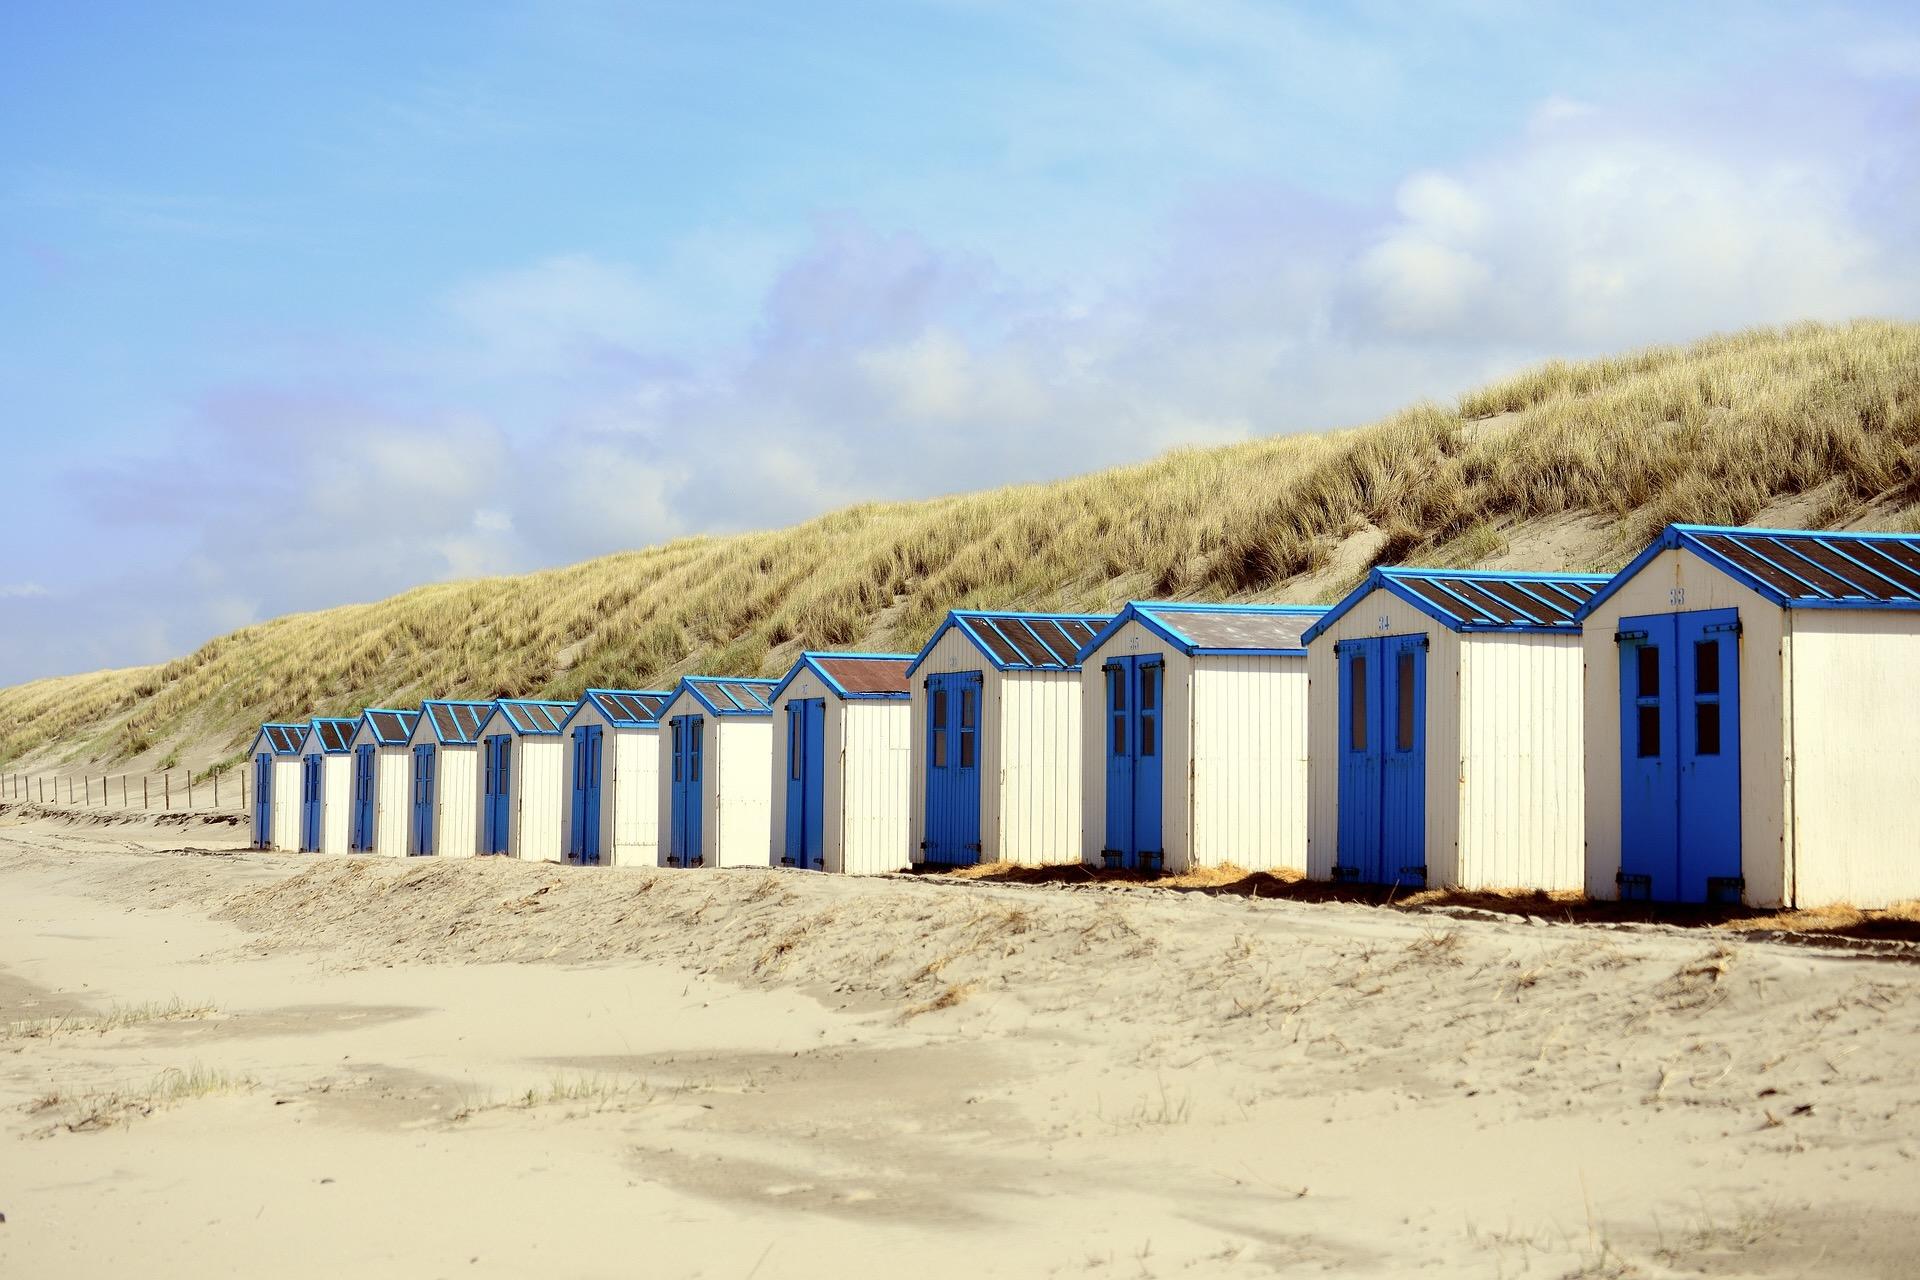 Strandhütten in Texel machen den Strand zu einem der schönsten in Holland